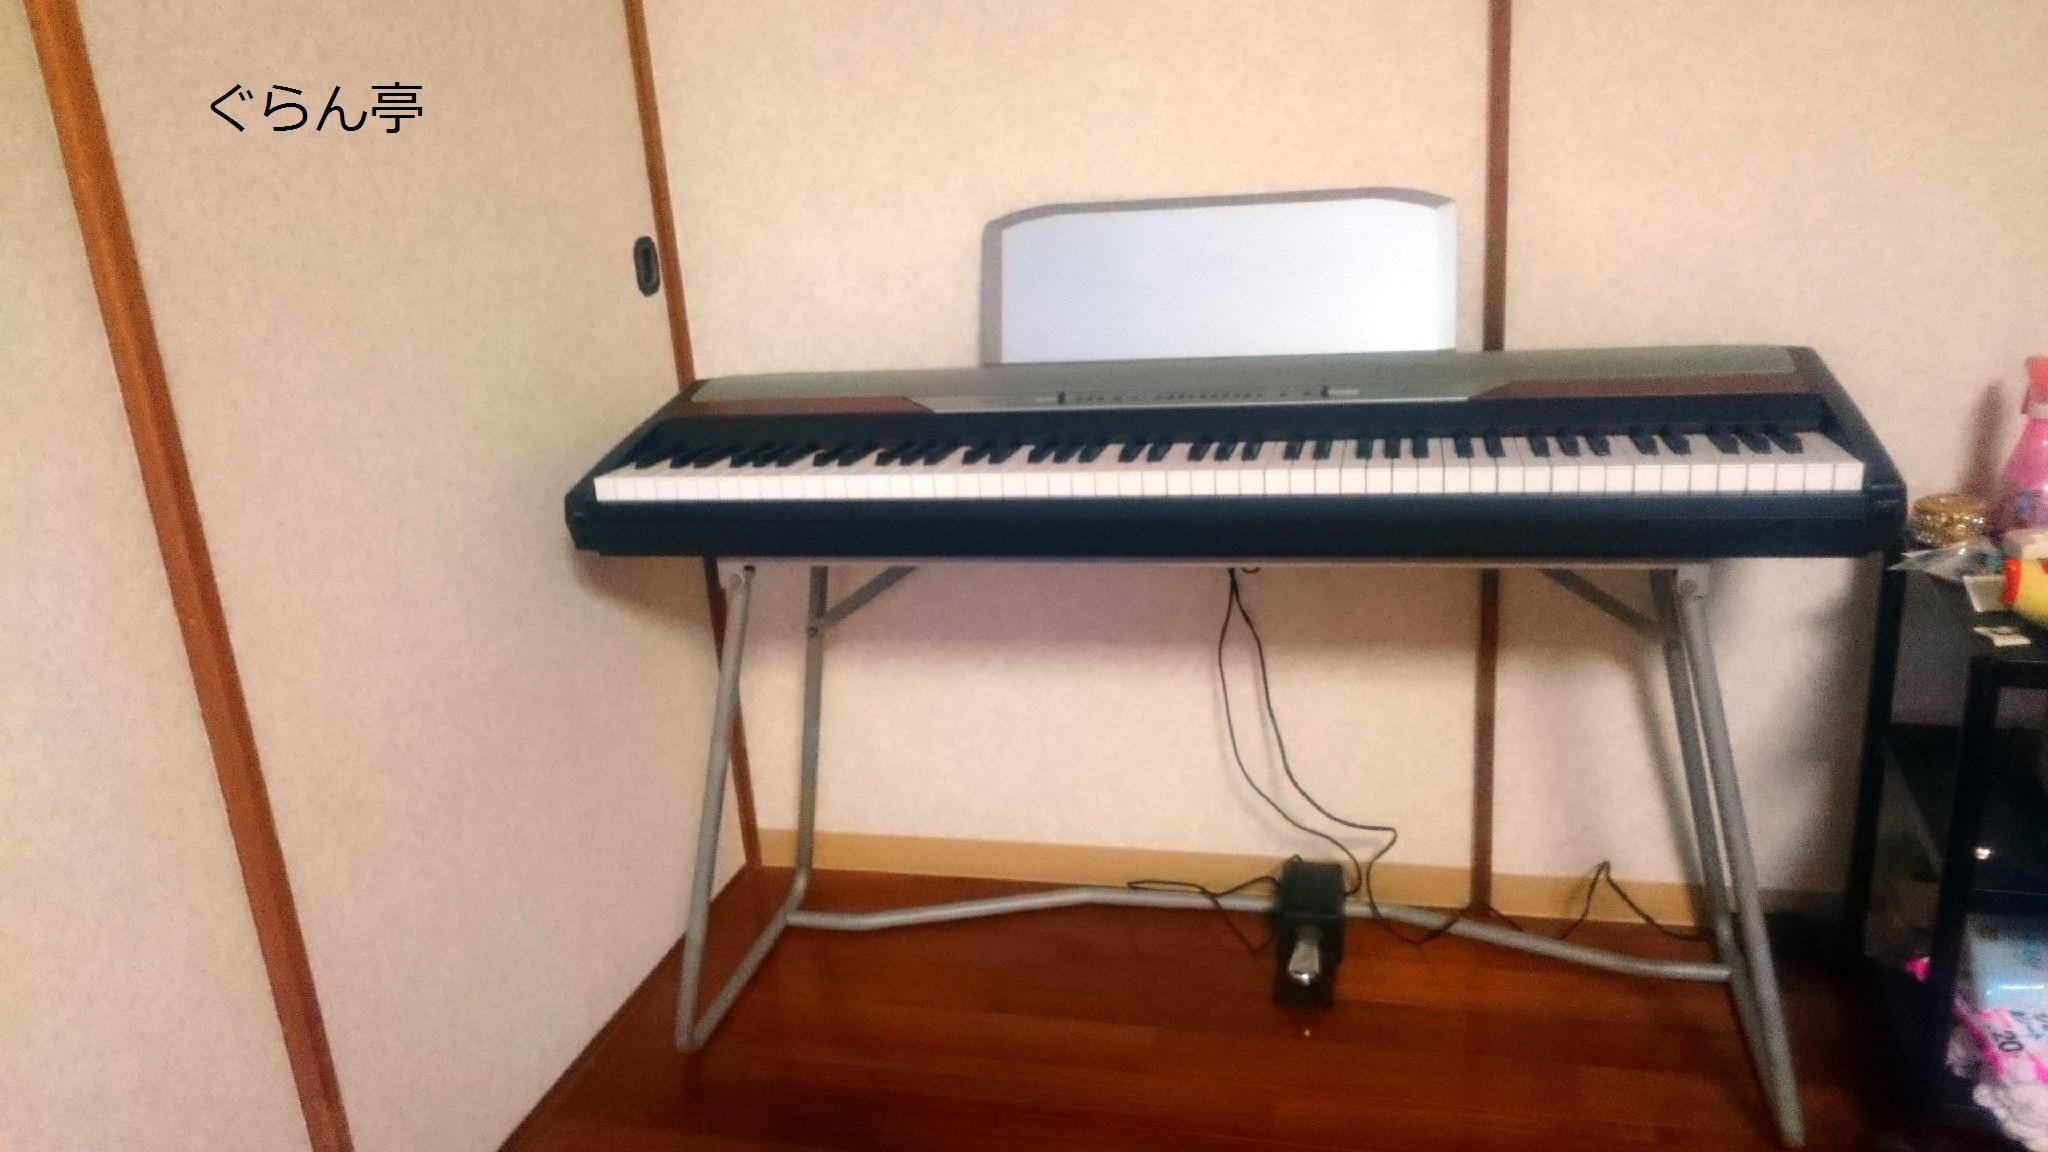 KOLG電子ピアノ